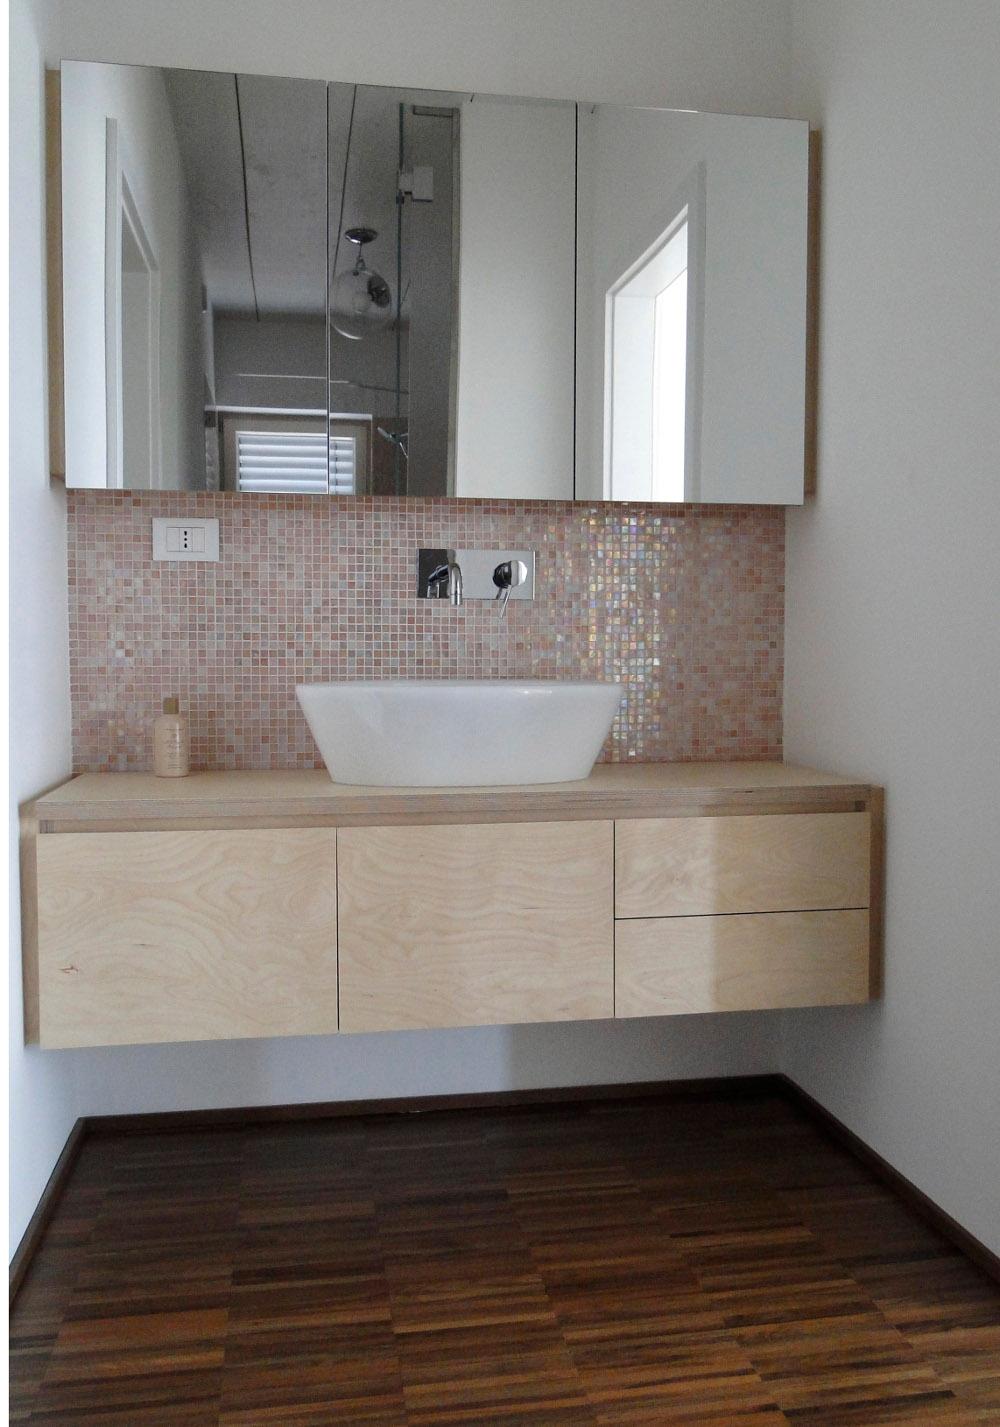 Ikea mobili bagno betulla design casa creativa e mobili - Mobili bagno in legno ...